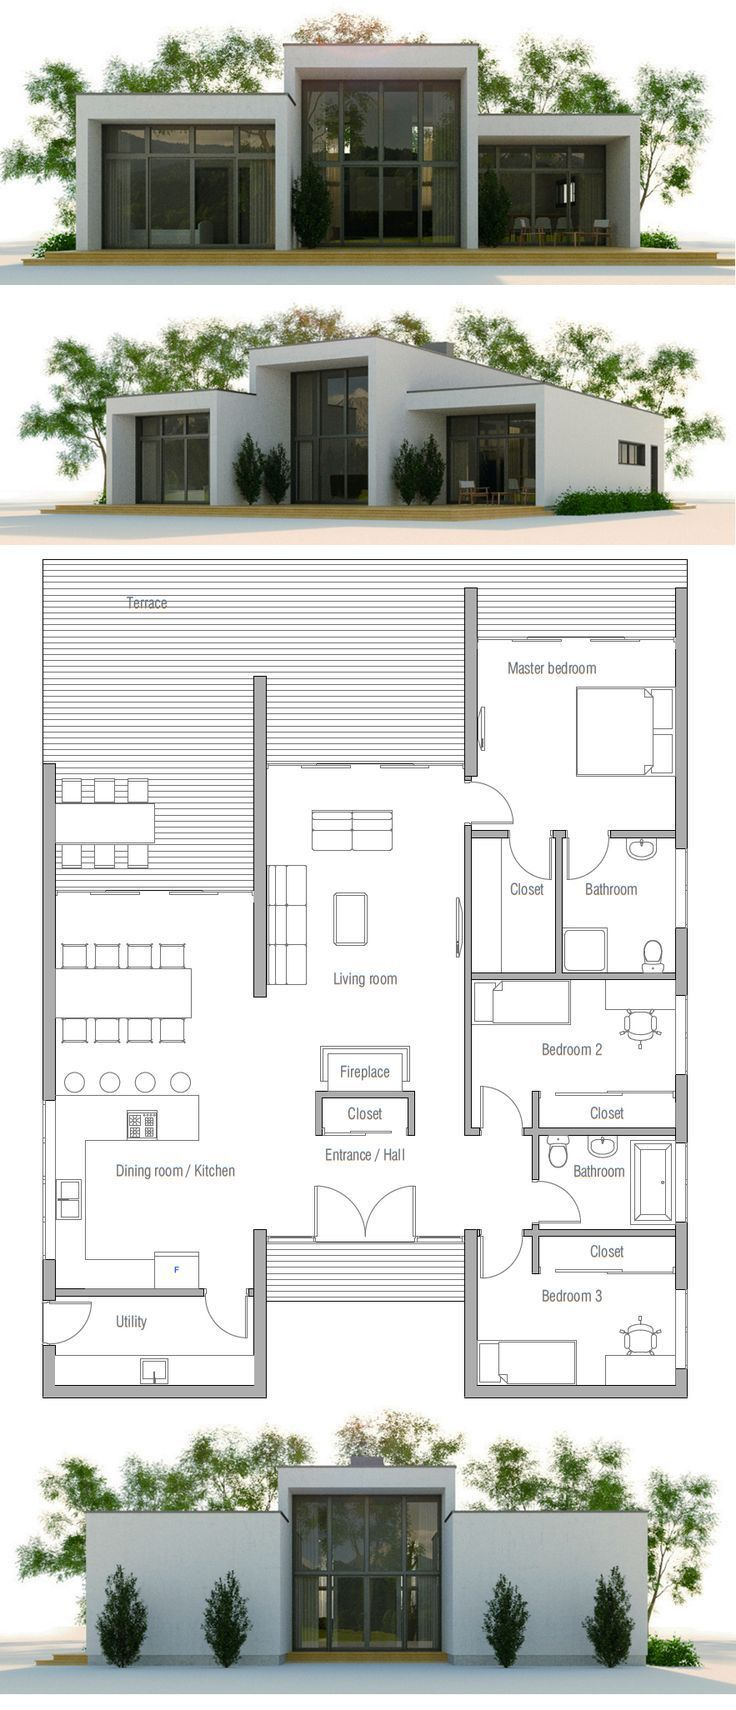 Drawing My Own House Plans 2021 Arsitektur Denah Rumah Desain Rumah